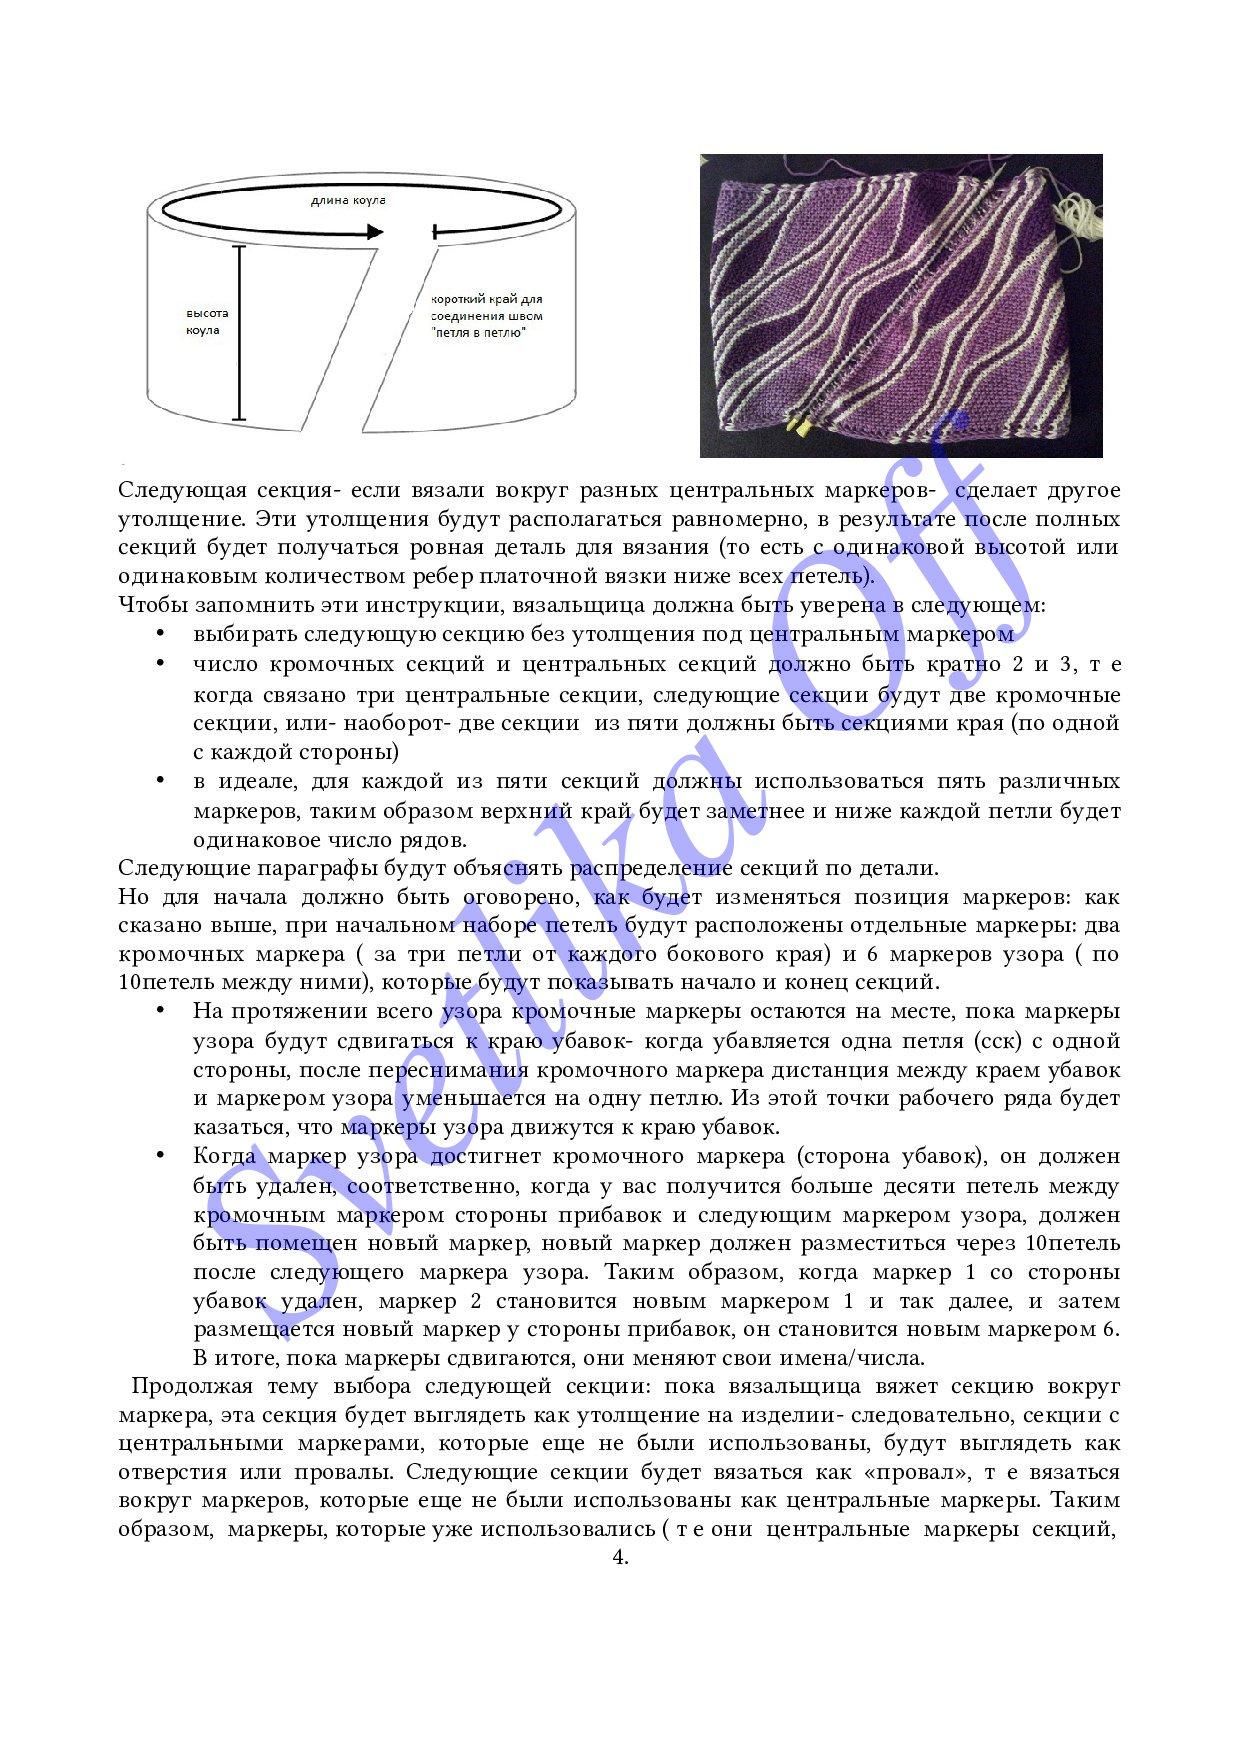 https://img-fotki.yandex.ru/get/198786/125862467.93/0_1abcb9_668c0ee6_orig